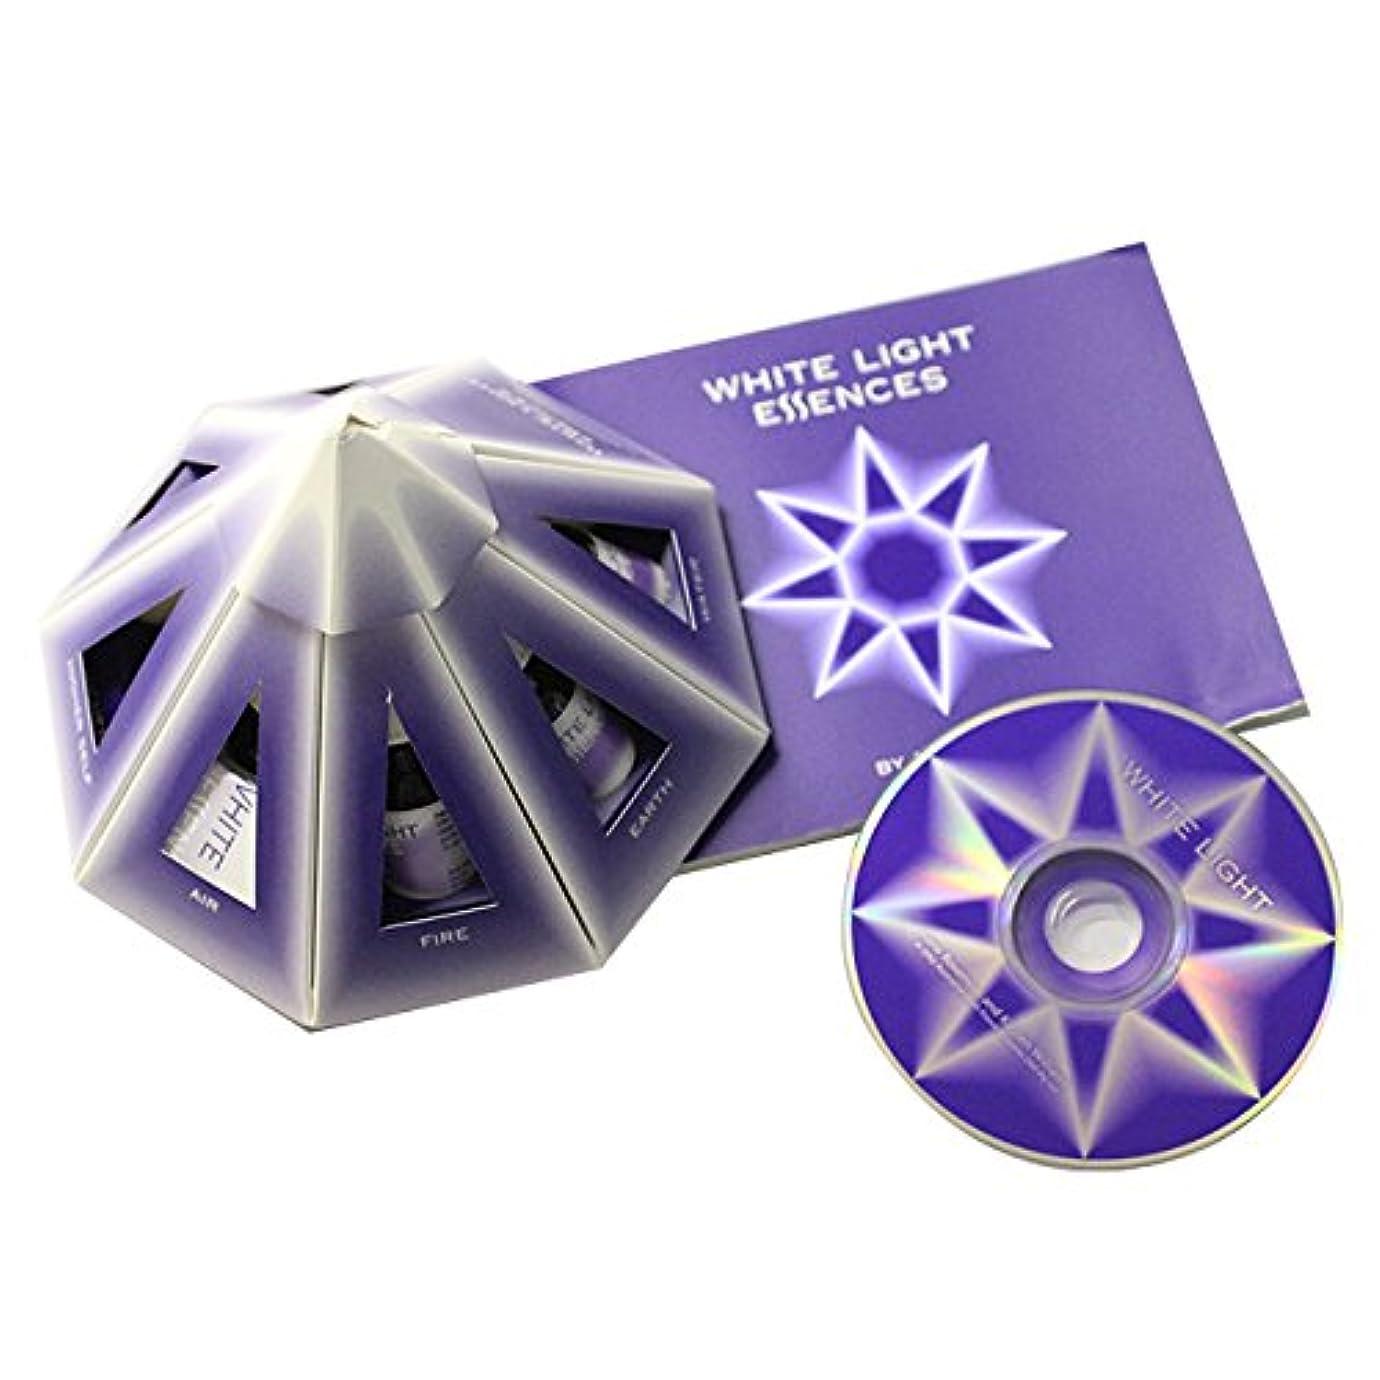 オーストラリアンブッシュ/ホワイトライト[ホワイトライト?ピラミッドパック(全7本セット?CD?和訳入)]